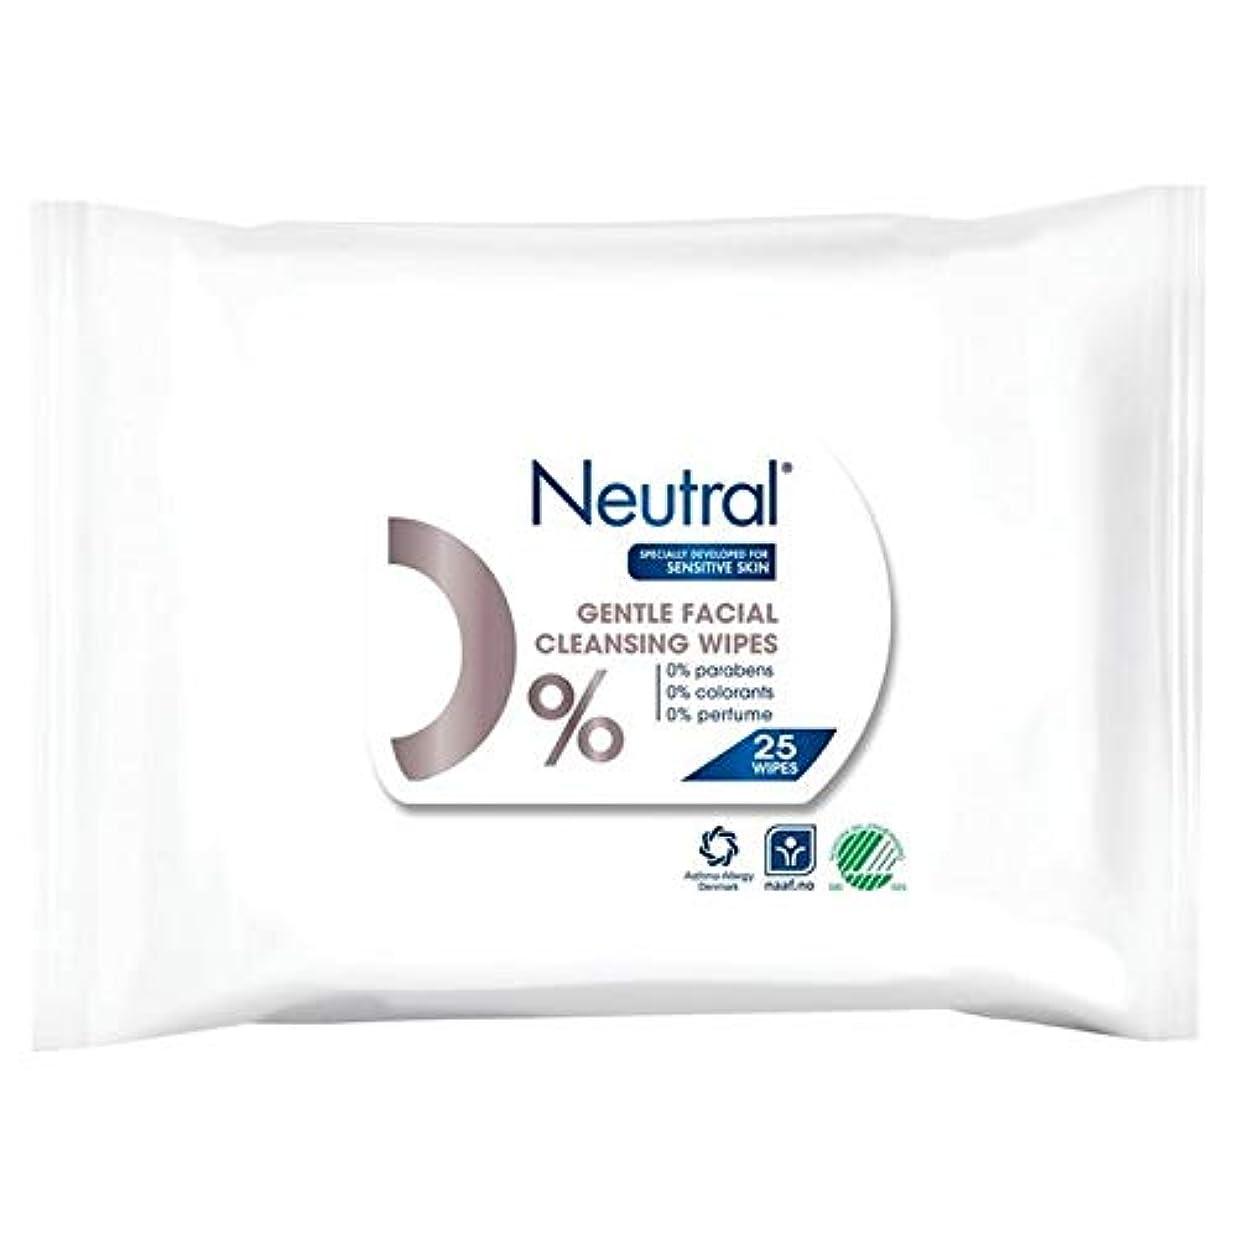 キリスト教丘ポータブル[Neutral ] ニュートラル0%顔はパックあたり25ワイプ - Neutral 0% Face Wipes 25 per pack [並行輸入品]